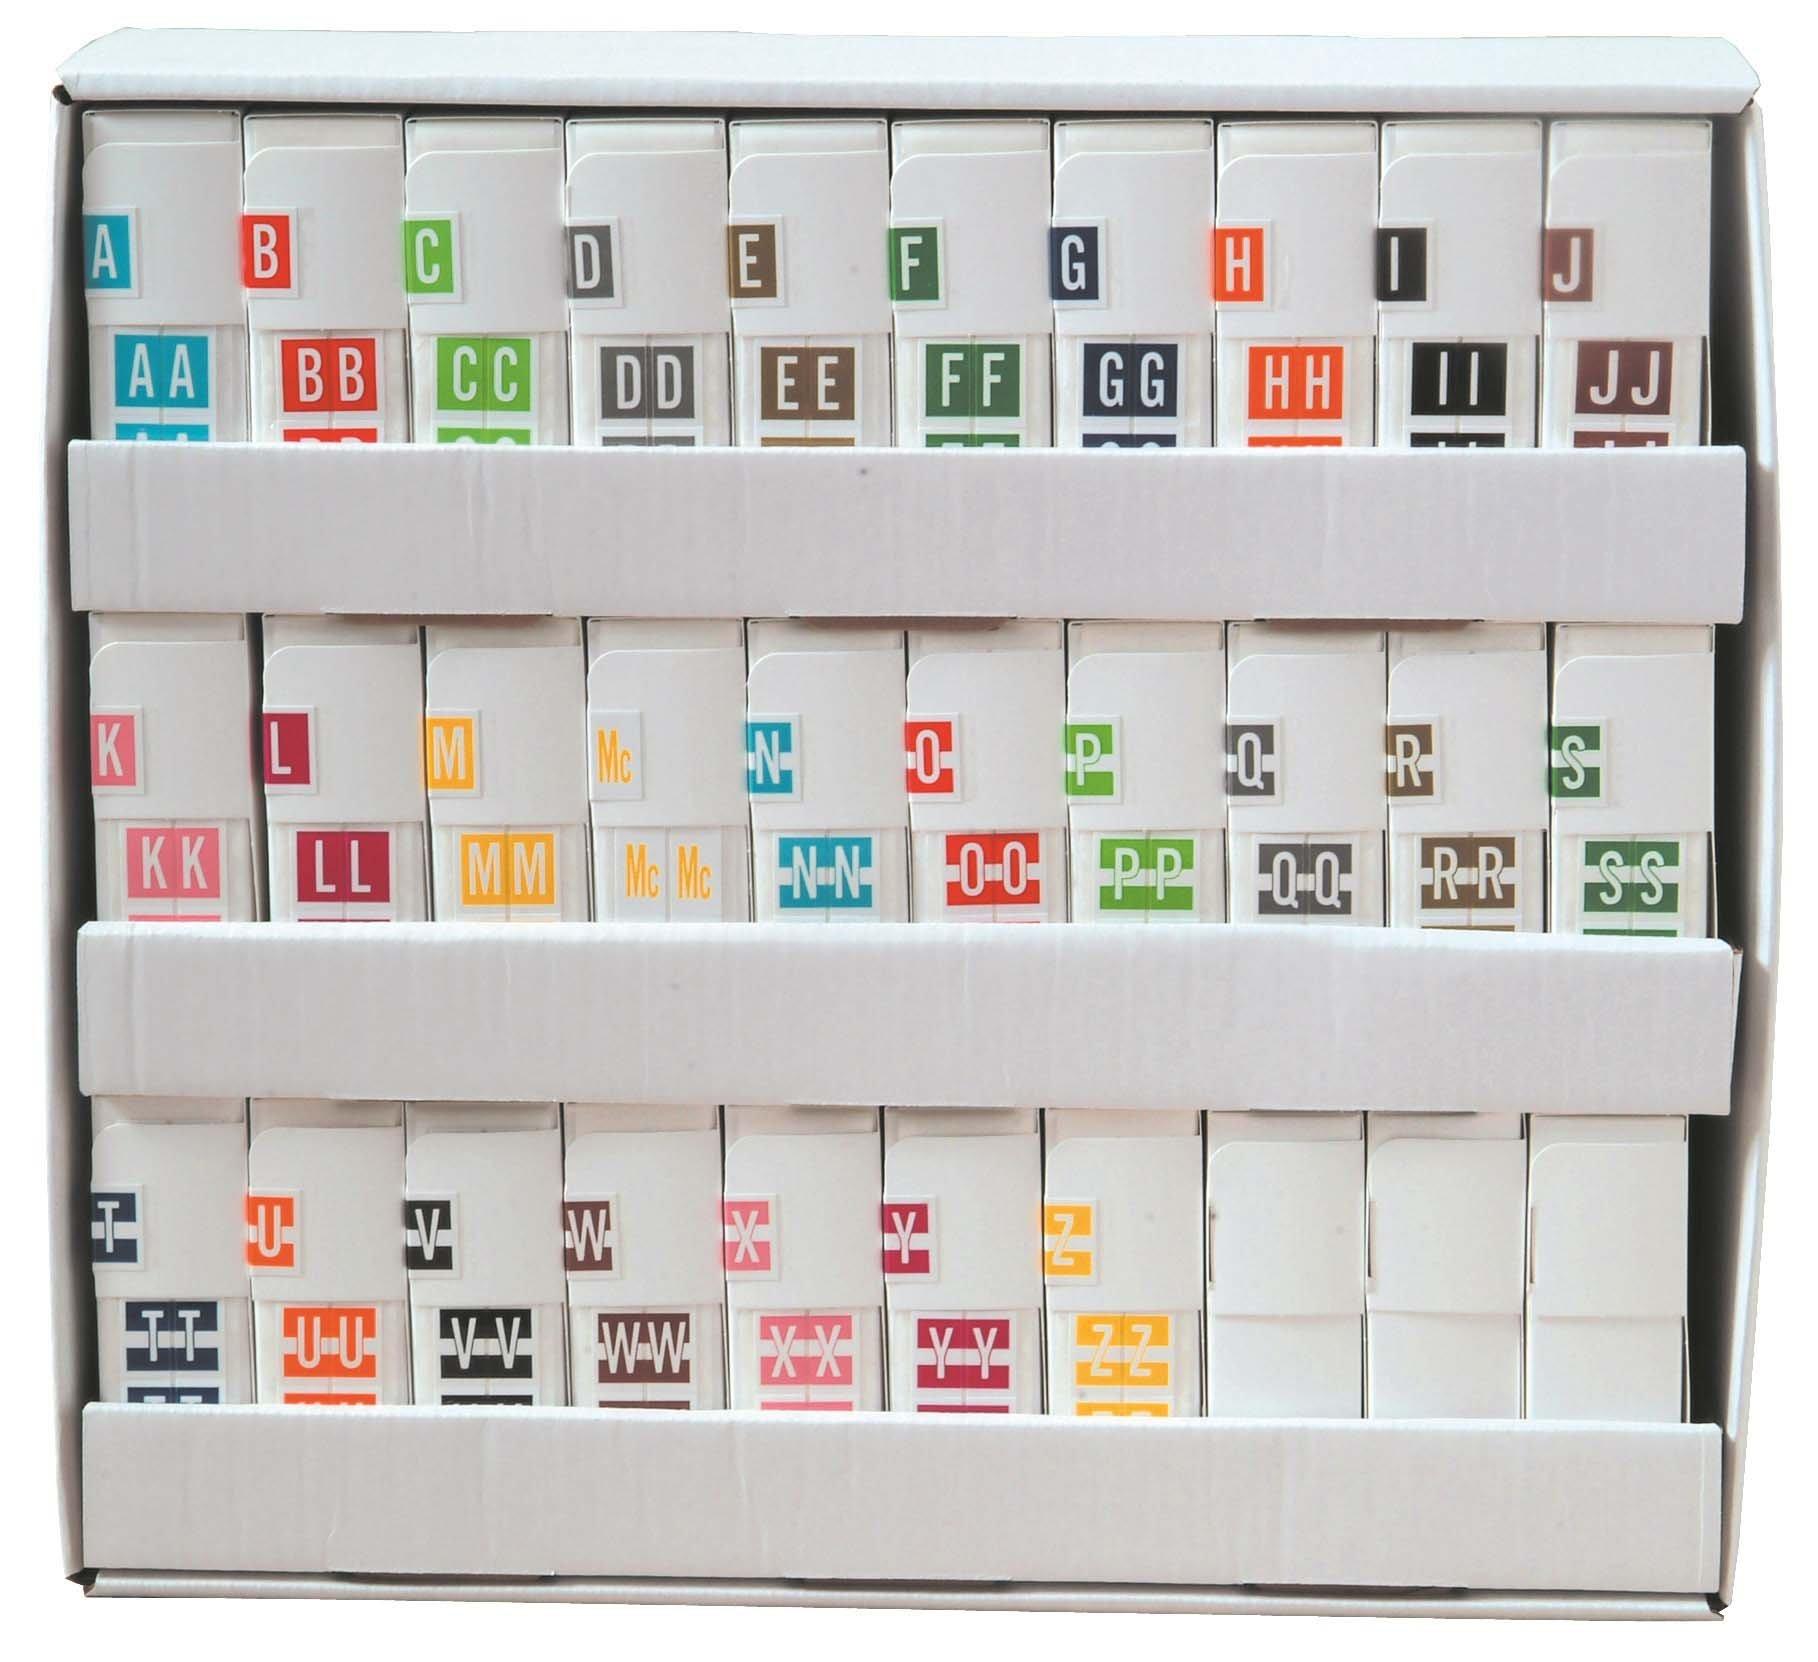 Tabbies 12030 Match CXAM Series Alpha Roll Labels A-Z Set